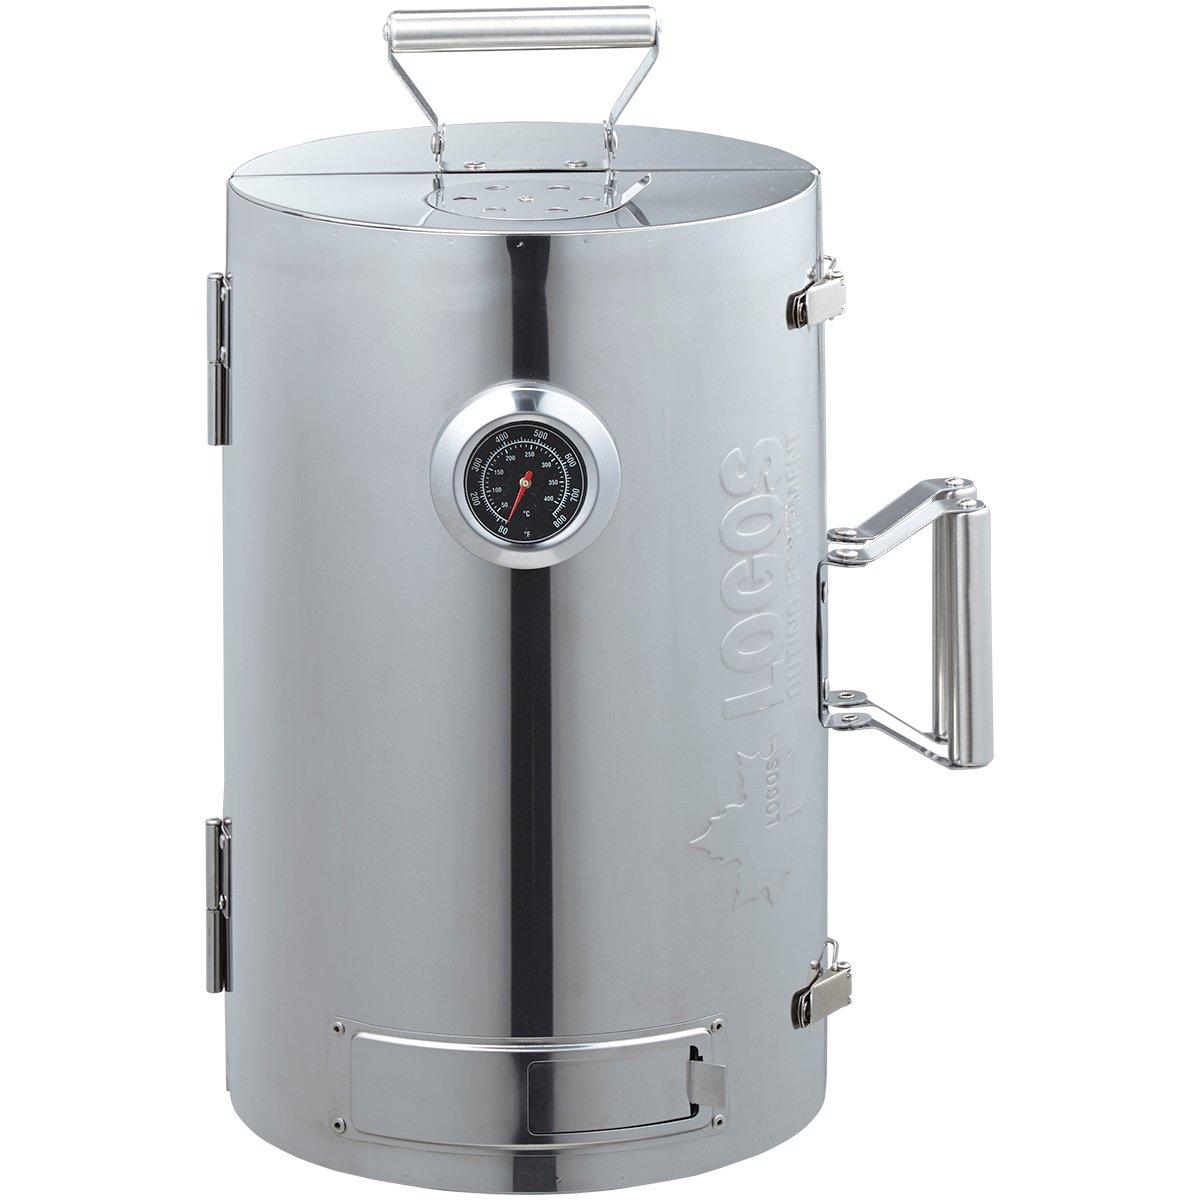 ロゴス(LOGOS) スモーカー LOGOSの森林 スモークタワー 燻煙器 円筒型 180度開閉タイプ 熱源不要 B00RIID2CA